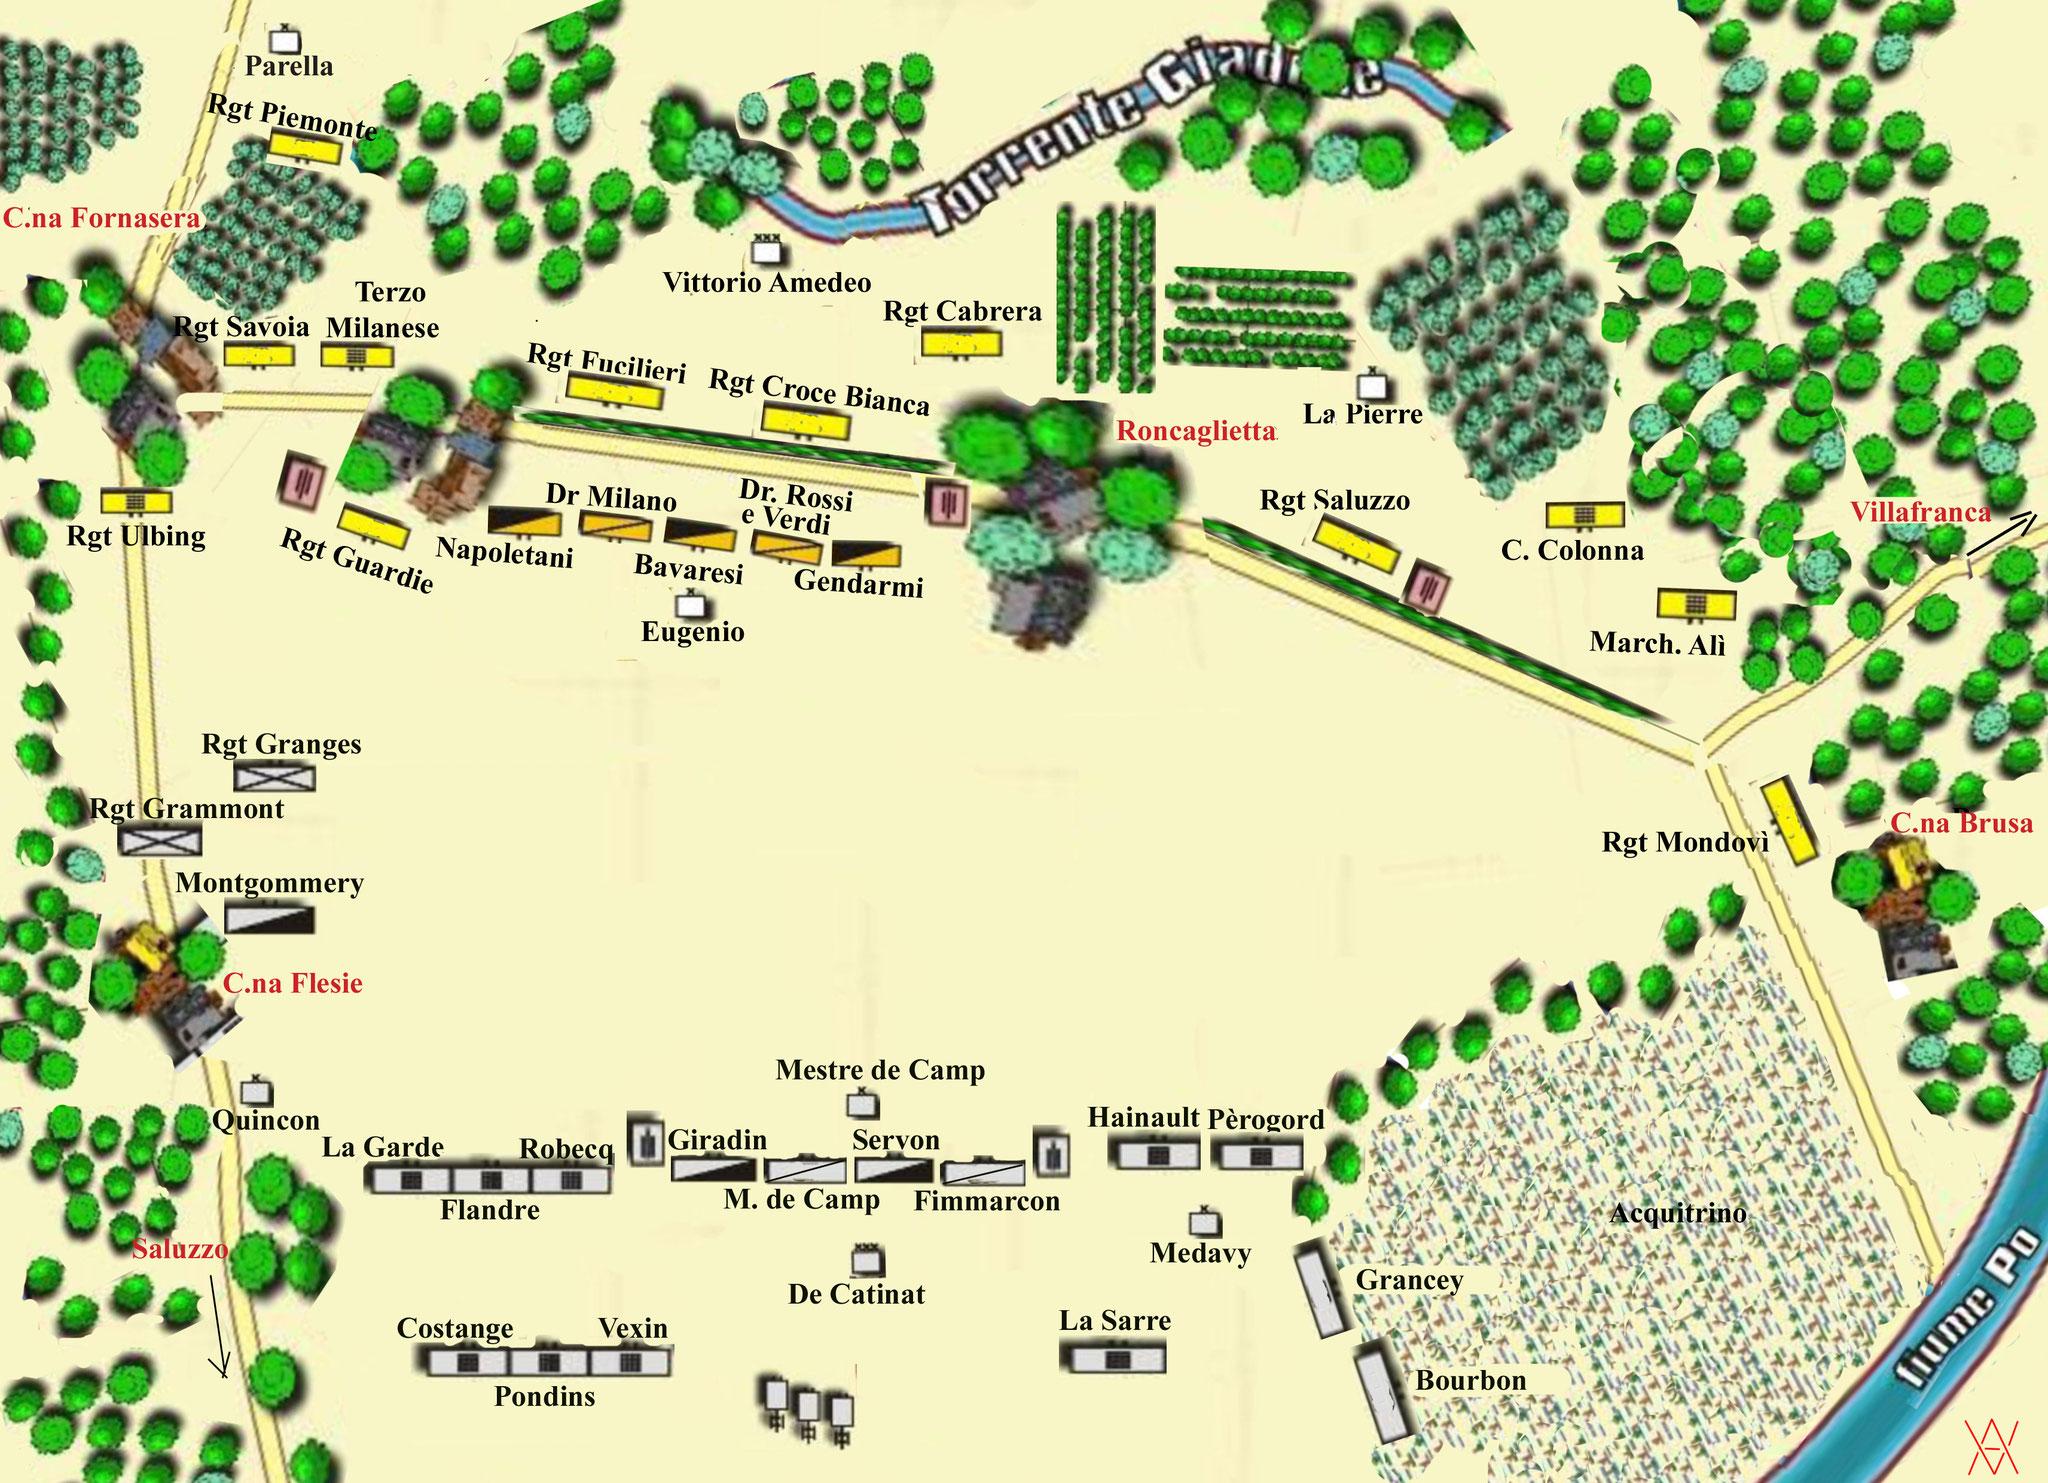 La mappa della battaglia (bravo Adriano!)